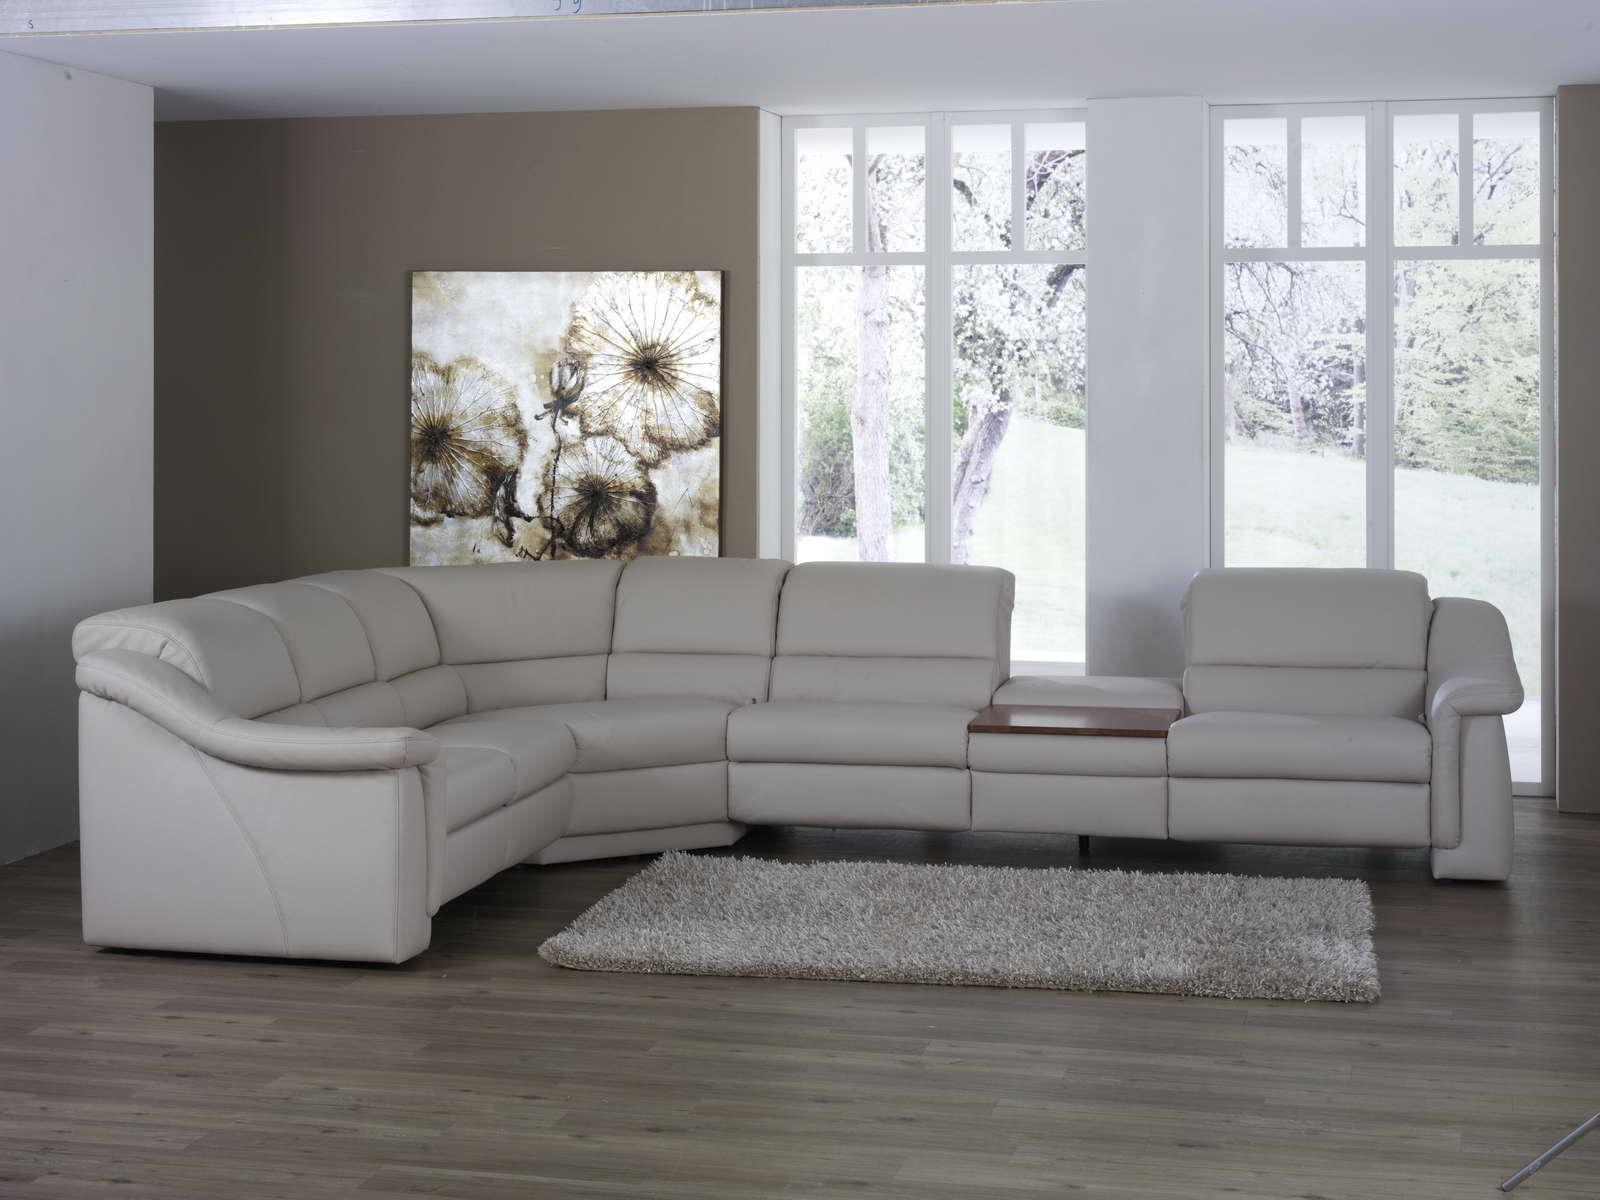 Full Size of Himolla Sofa 2020 Planopoly Sleepoly Polstermbel Mit Verstellbarer Sitztiefe Liege Dauerschläfer Wk Billig Stoff Grau Dreisitzer Schlaffunktion Federkern Ikea Sofa Himolla Sofa